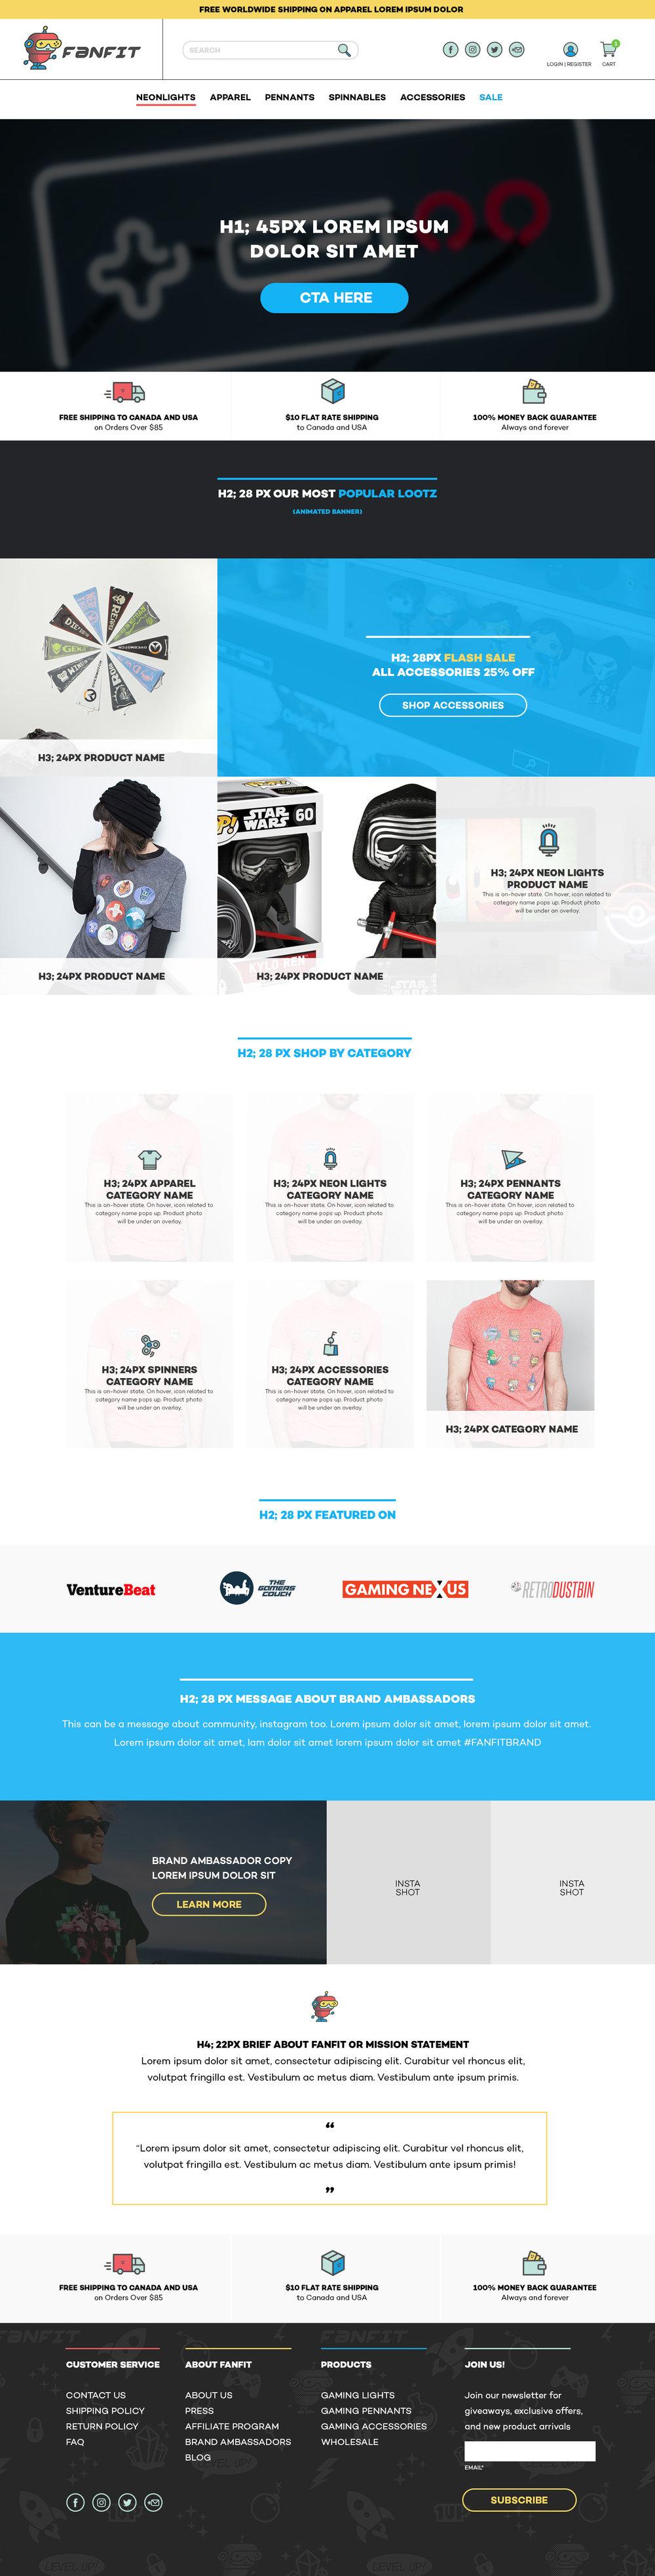 FanFit_WebDesign_DESKTOP_HOMEPAGE.jpg